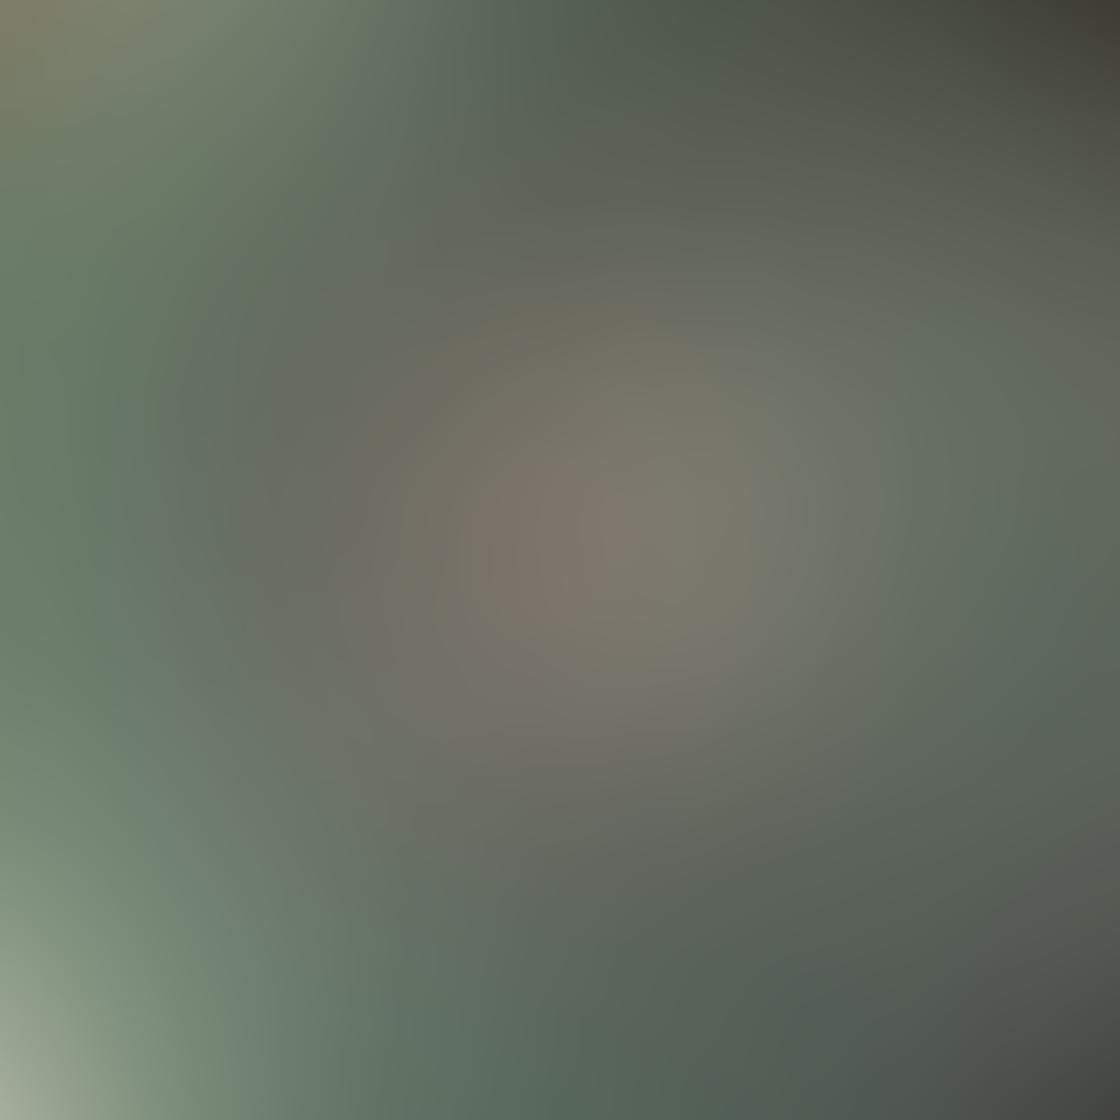 Green iPhone Photos 11